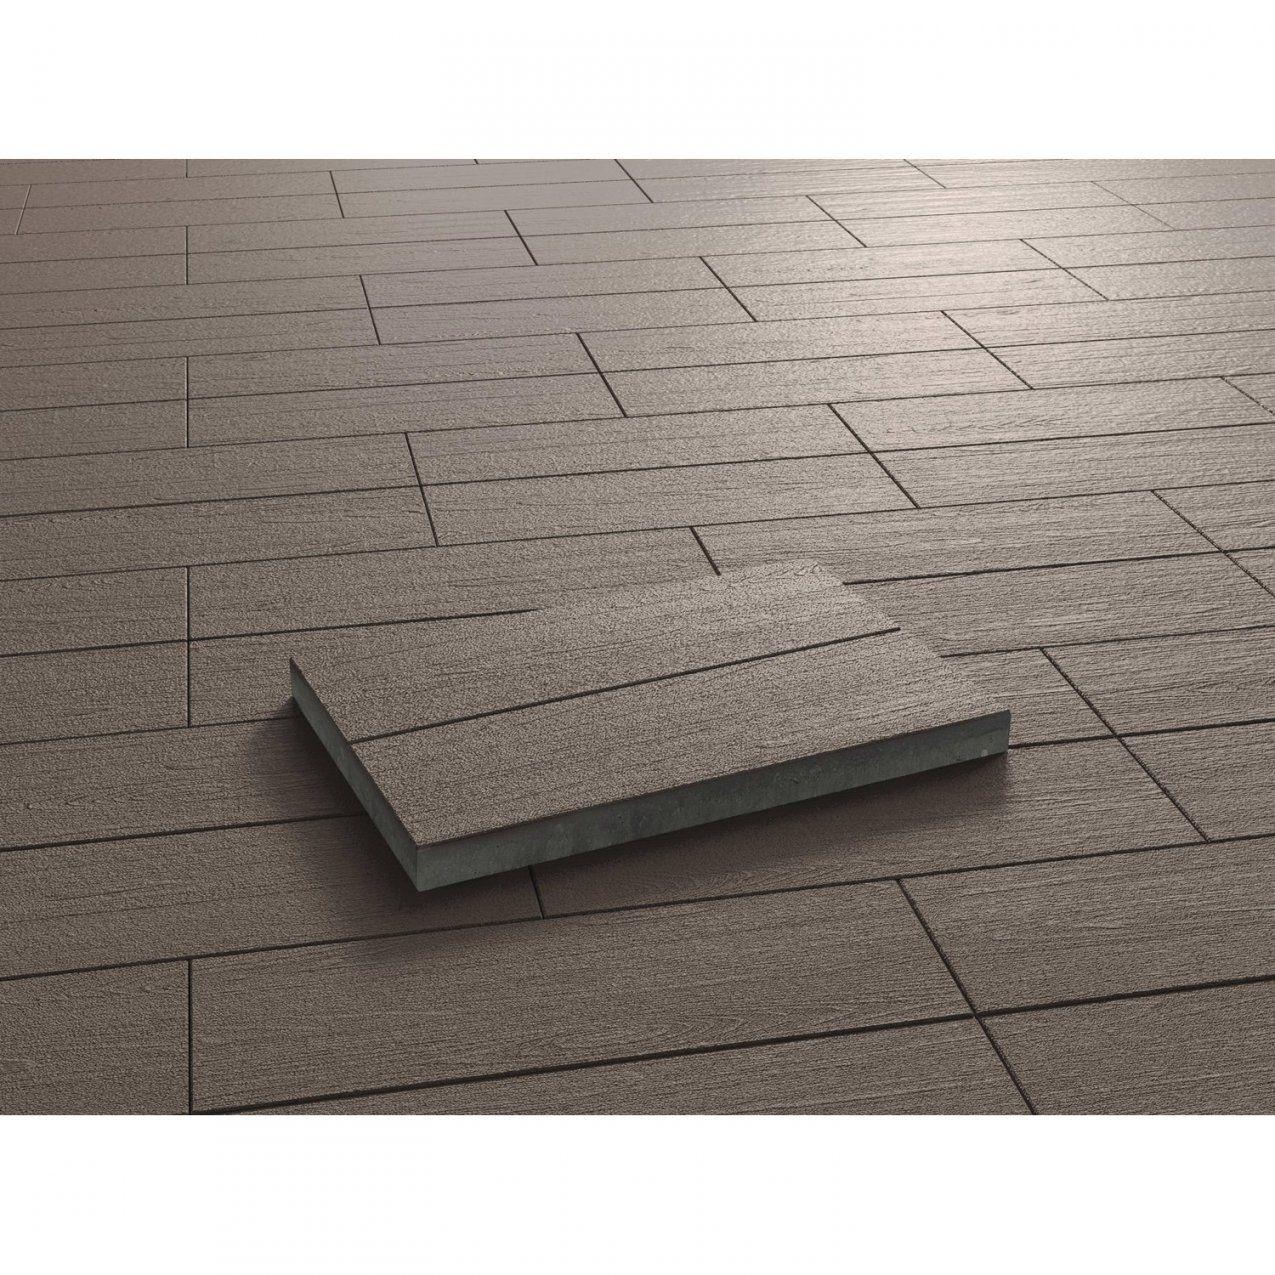 Terrassenplatte Beton Holzdiele Dunkelbraun Beschichtet 60 Cm X 40 von Beton U Steine Obi Photo